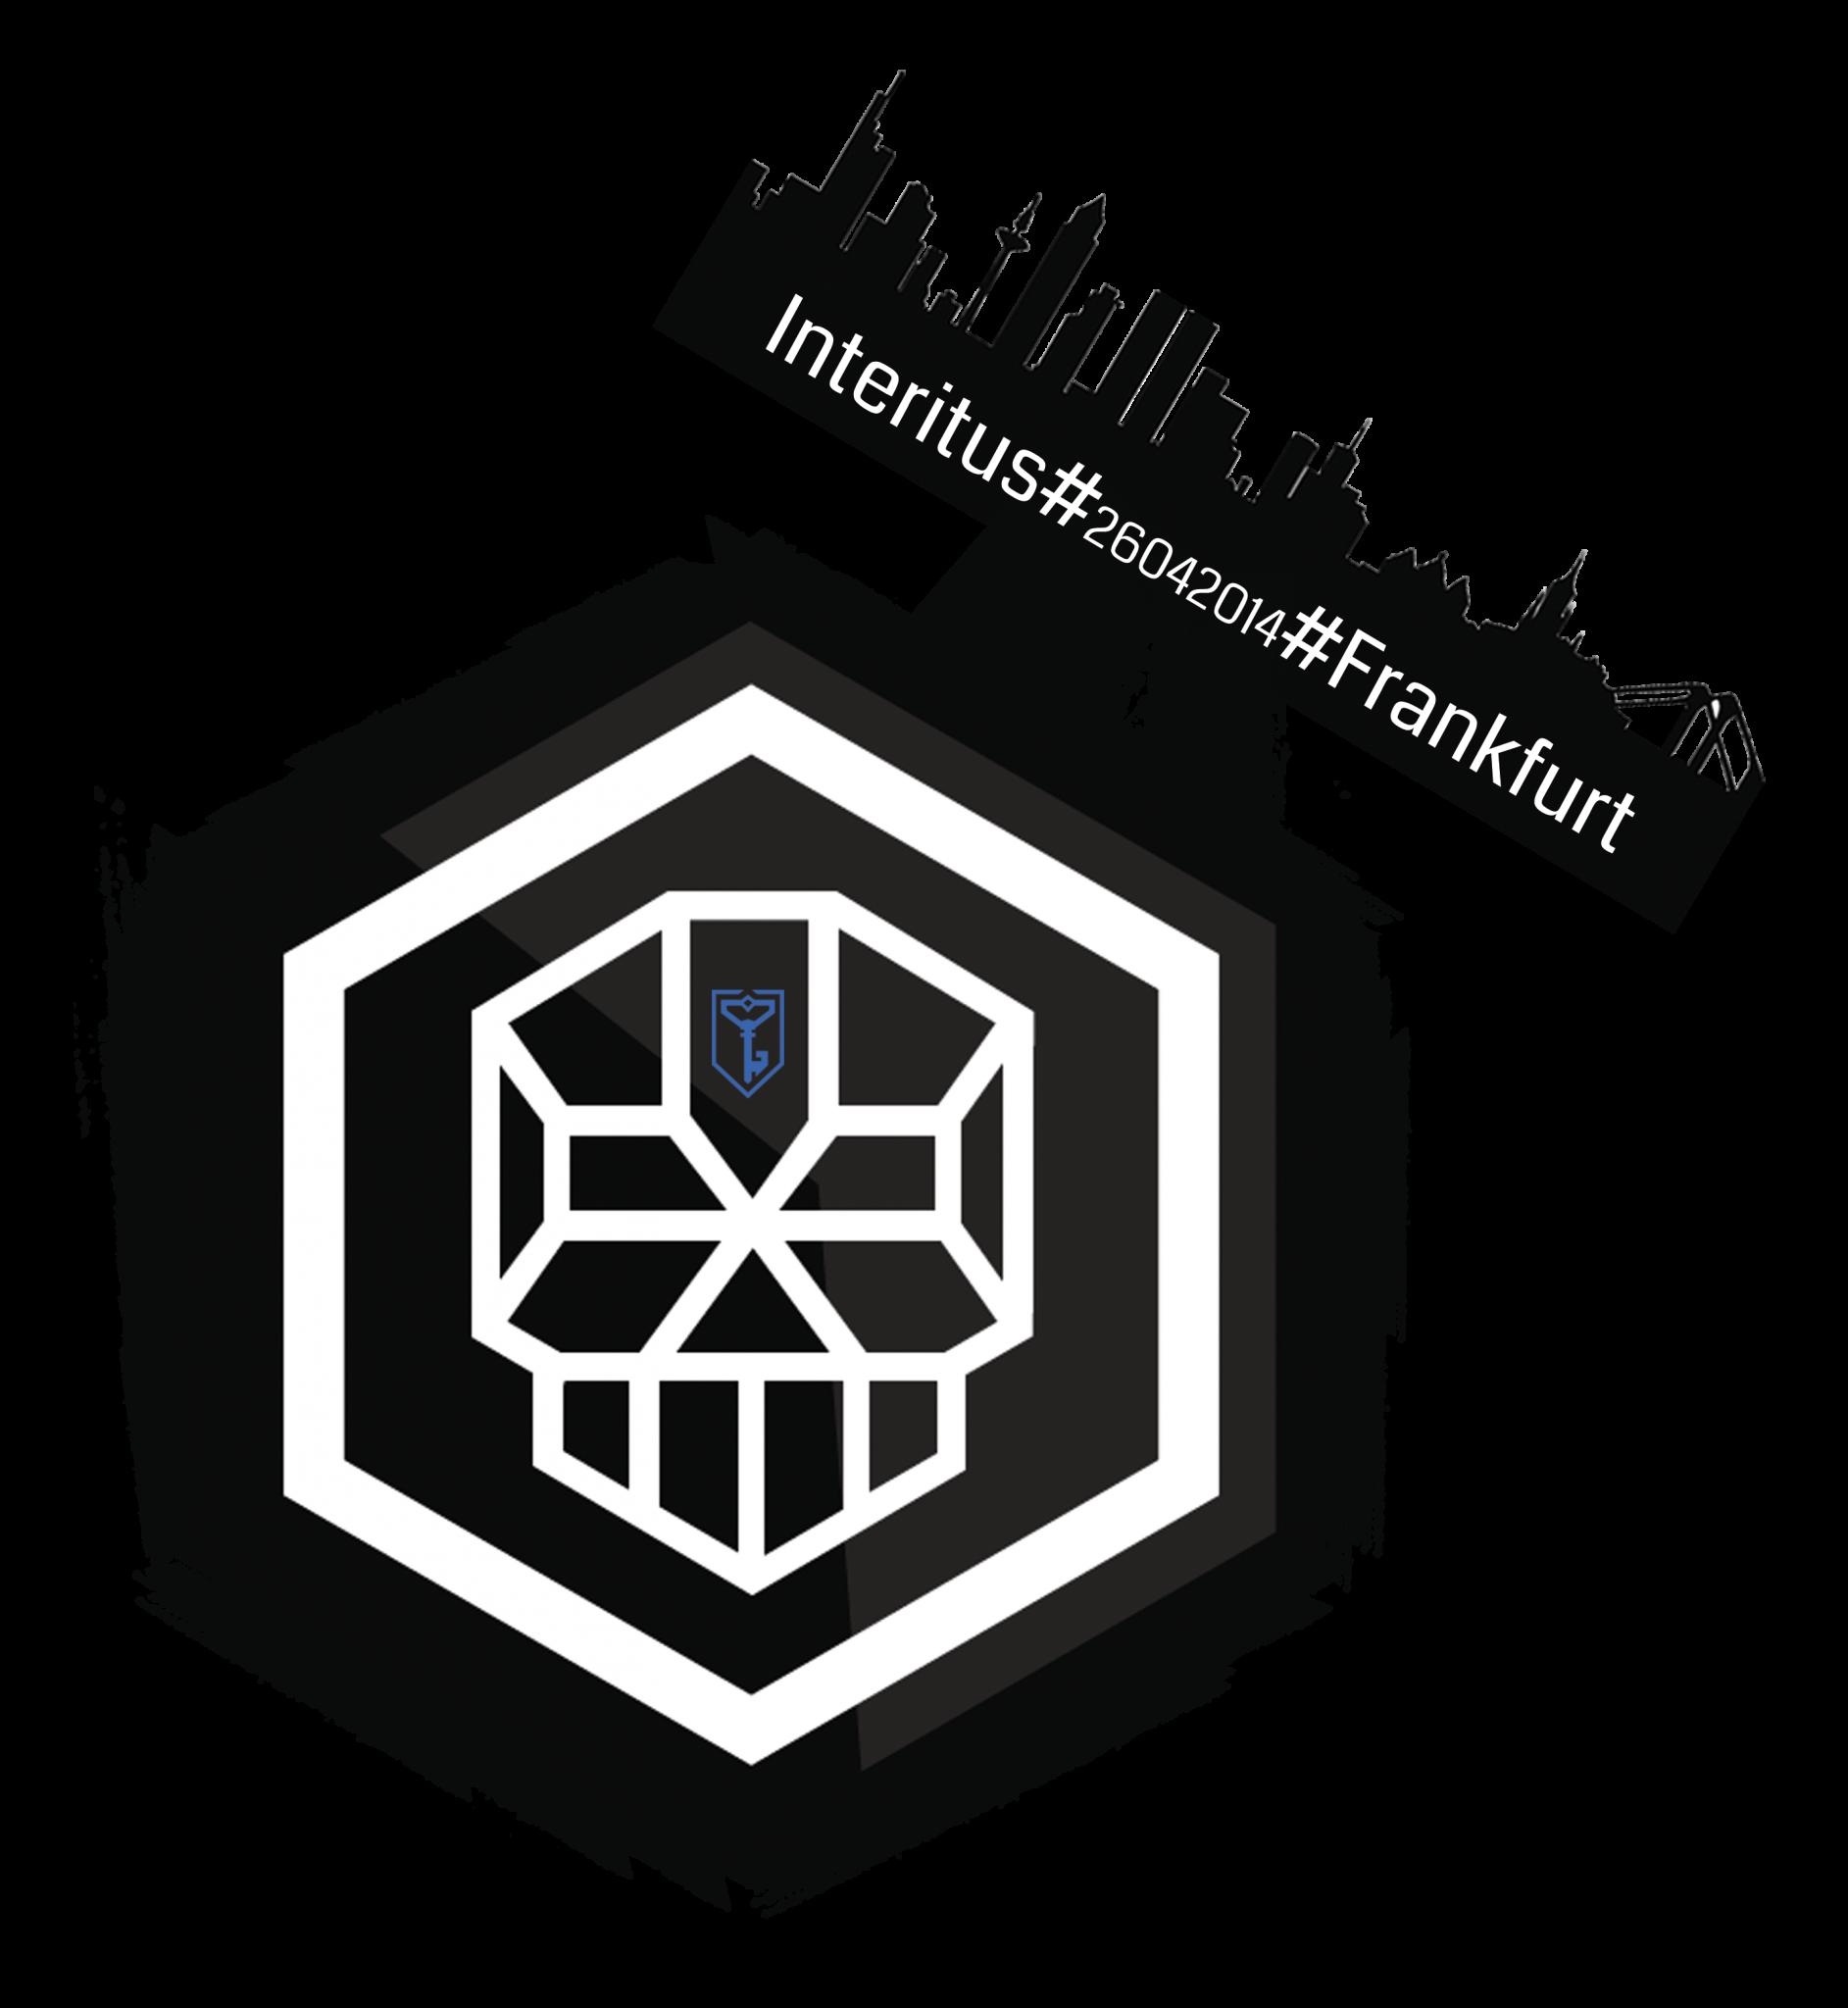 Interitus Frankfurt Designs